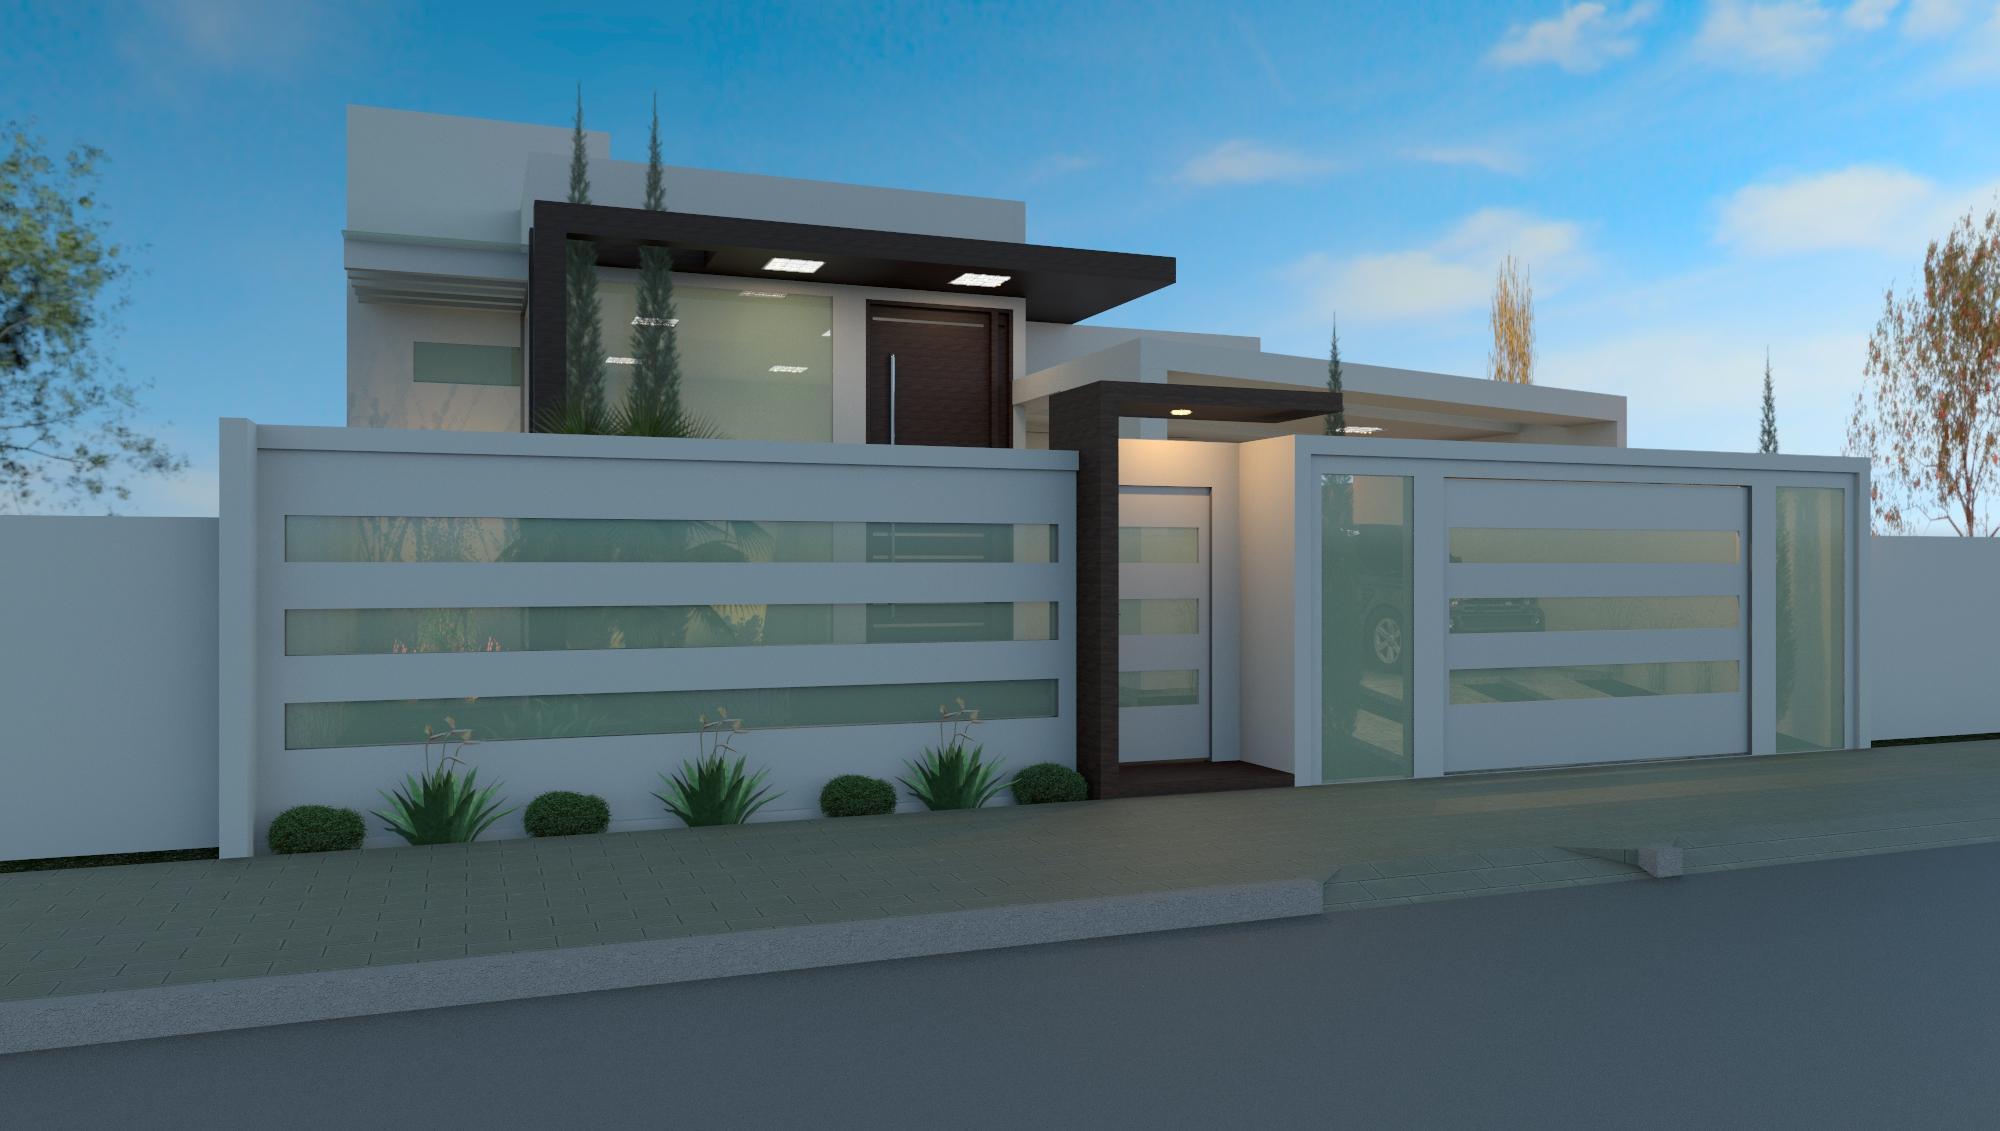 60 modelos de muros residenciais fachadas fotos e dicas - Tipos de fachadas de casas ...